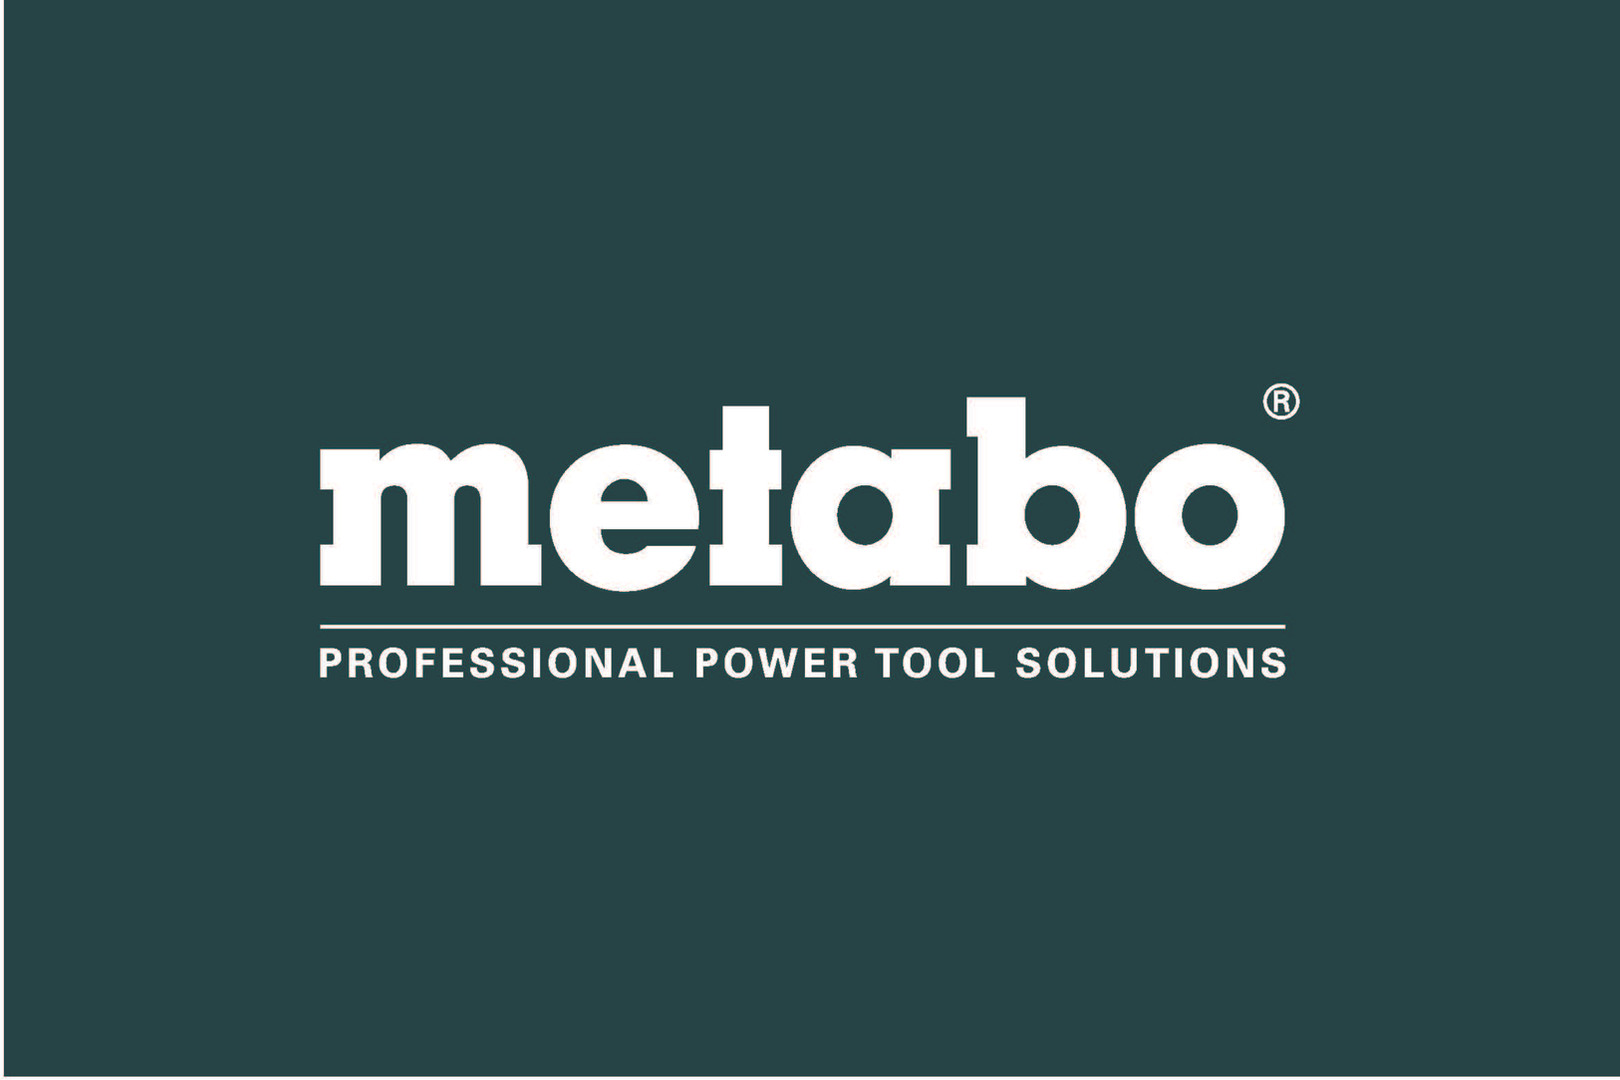 Metabo.jpg